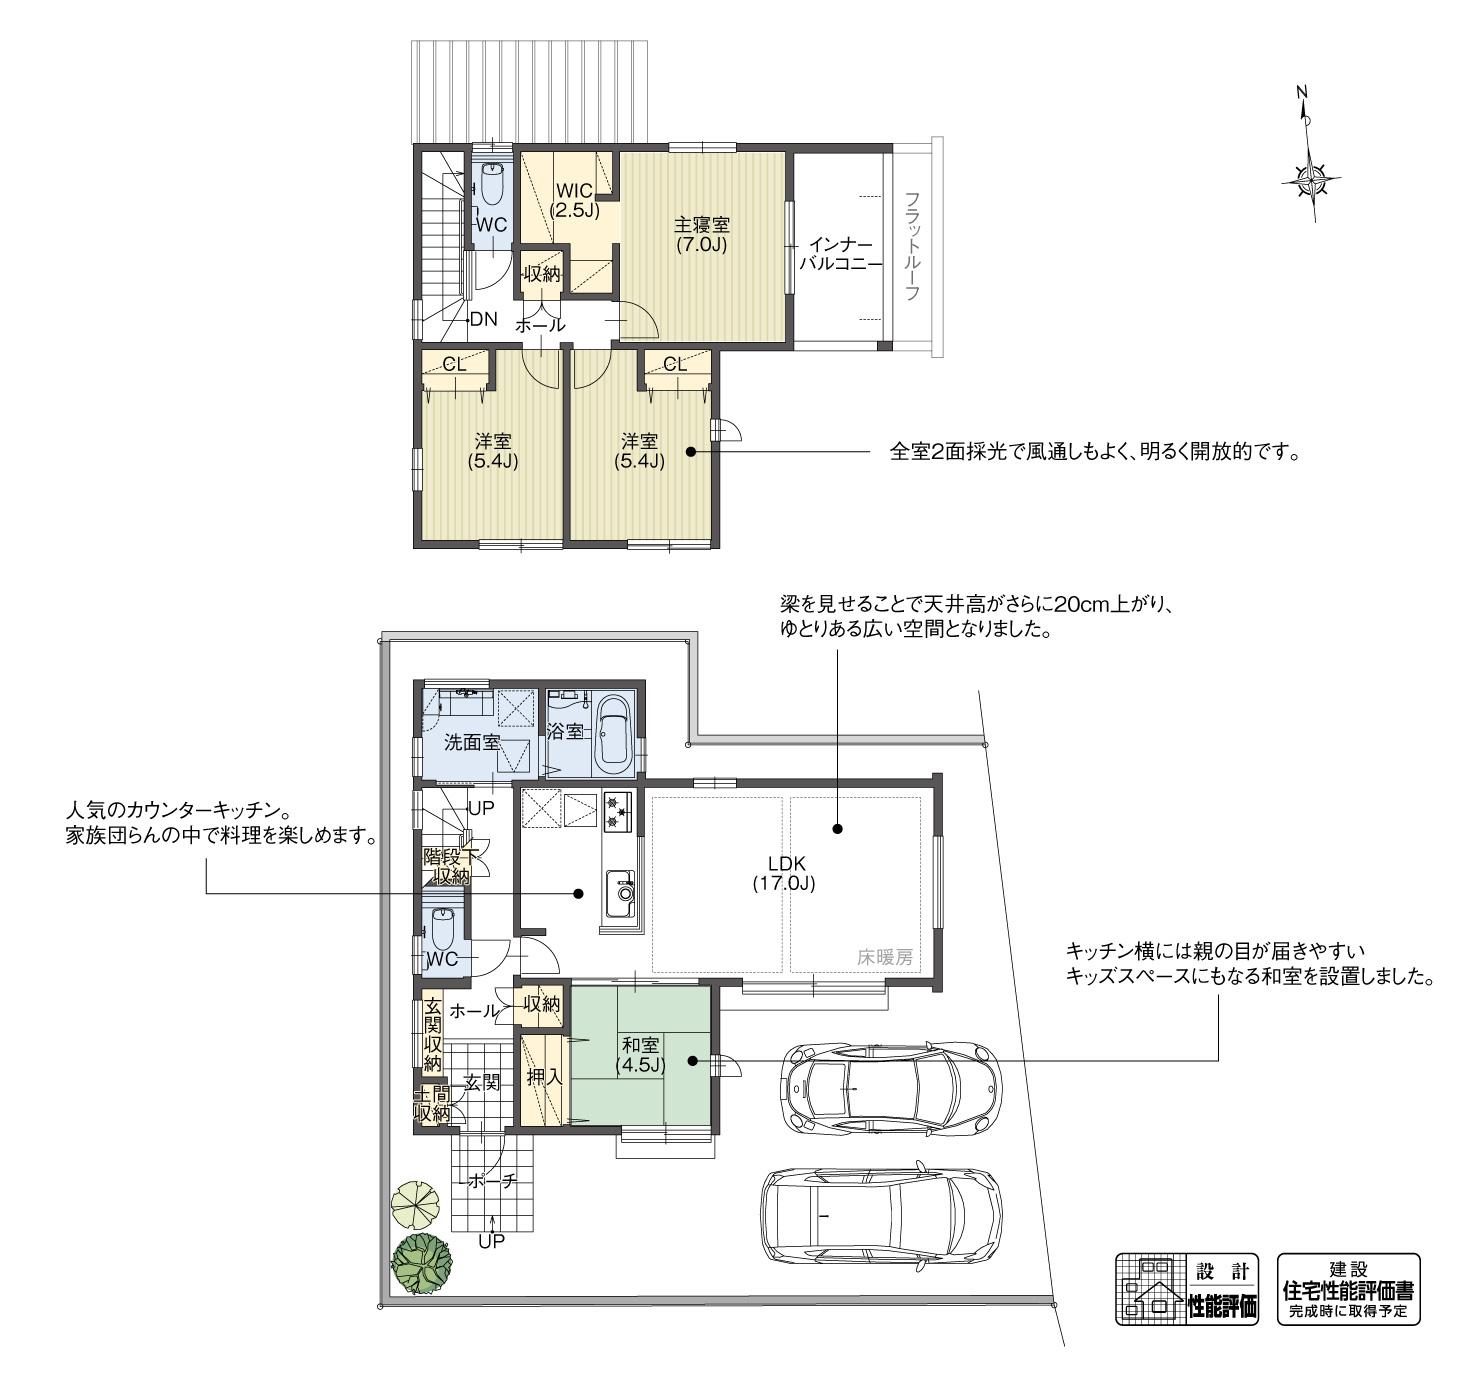 5_間取図_plan1_豊田市荒井町